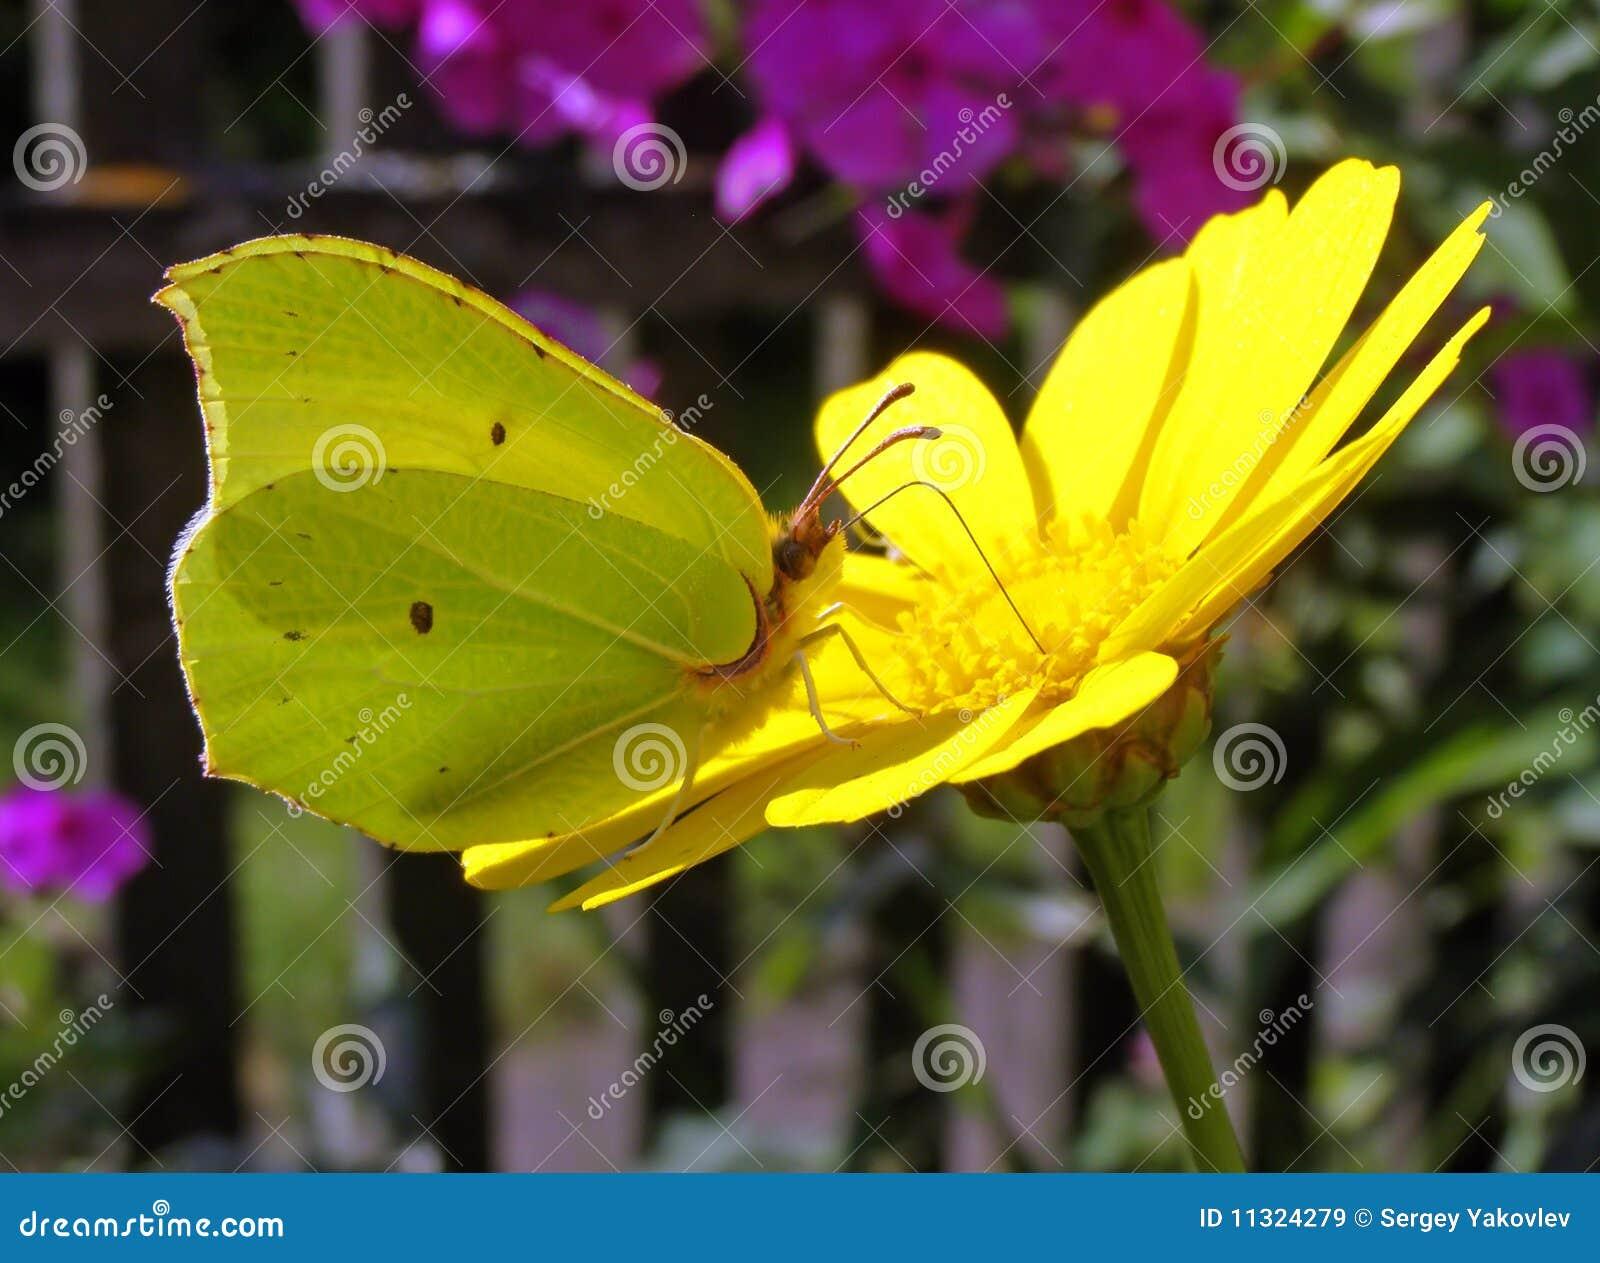 Basisrecheneinheit auf Blume